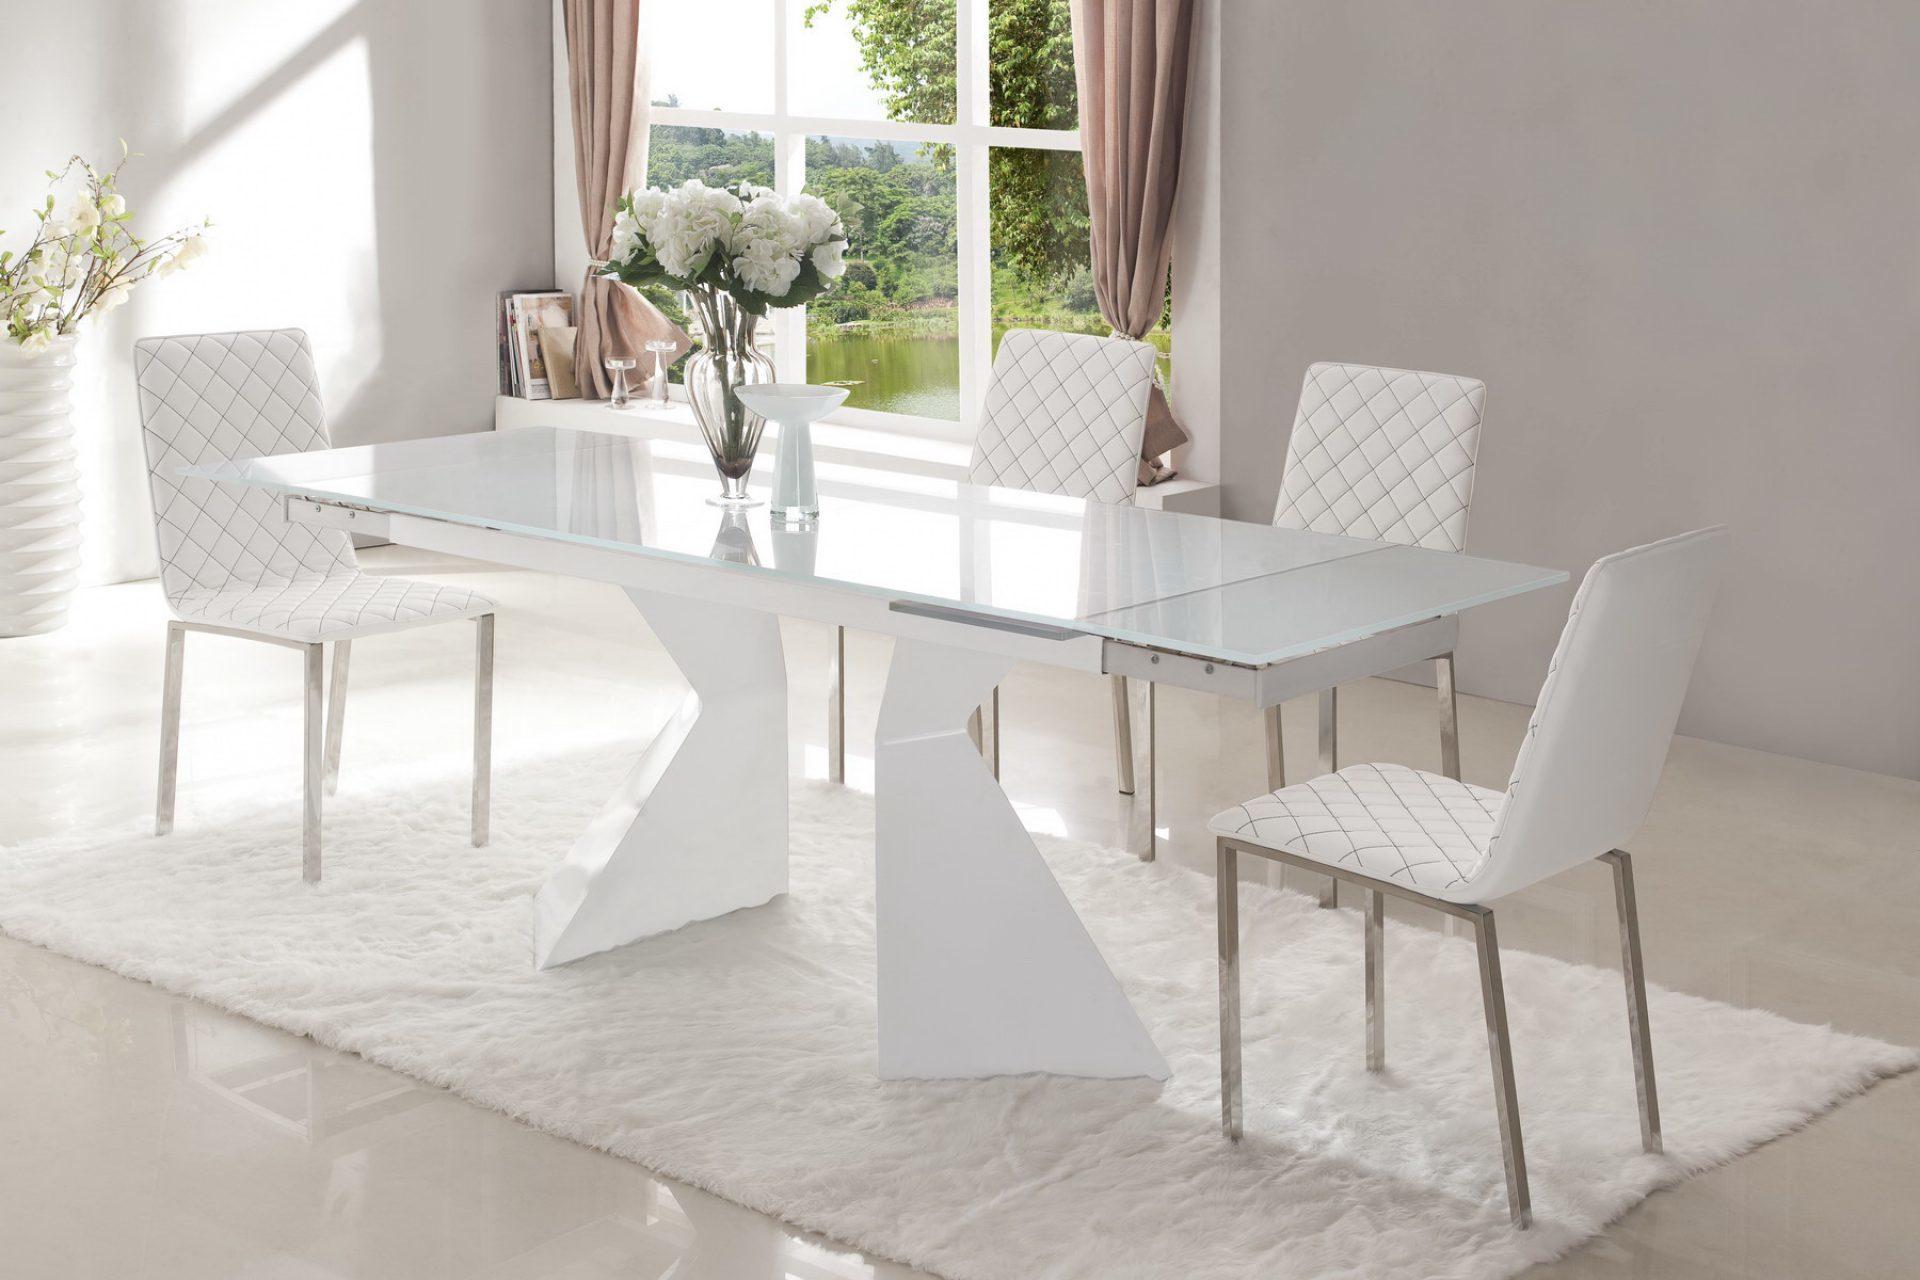 Стол ESF CT992 белый в разложенном состоянии и стулья ESF BZ-692 белый